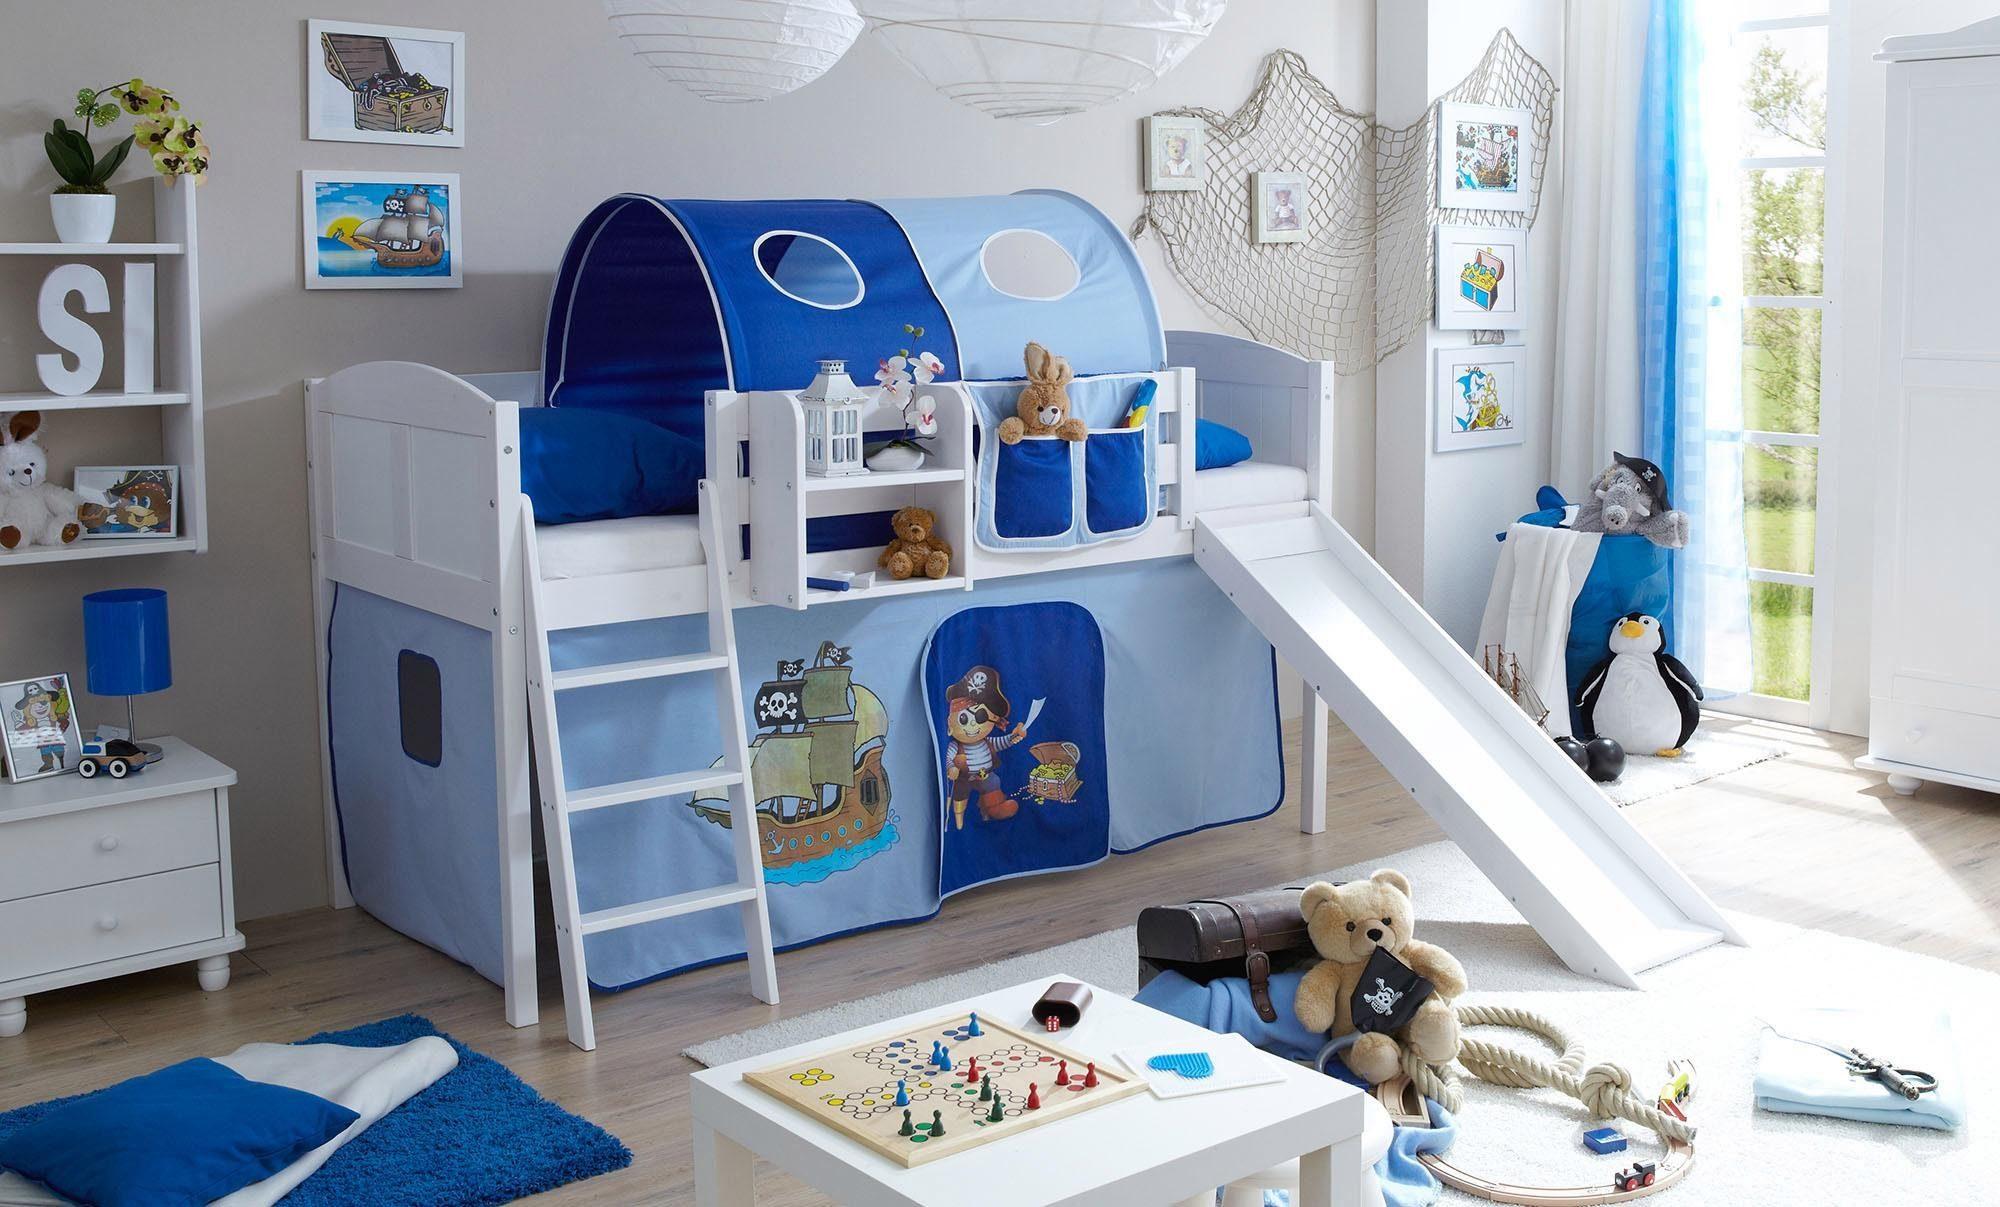 Etagenbett Mit Rutsche : Hochbett mit rutsche einrichtungsideen für kinderzimmer